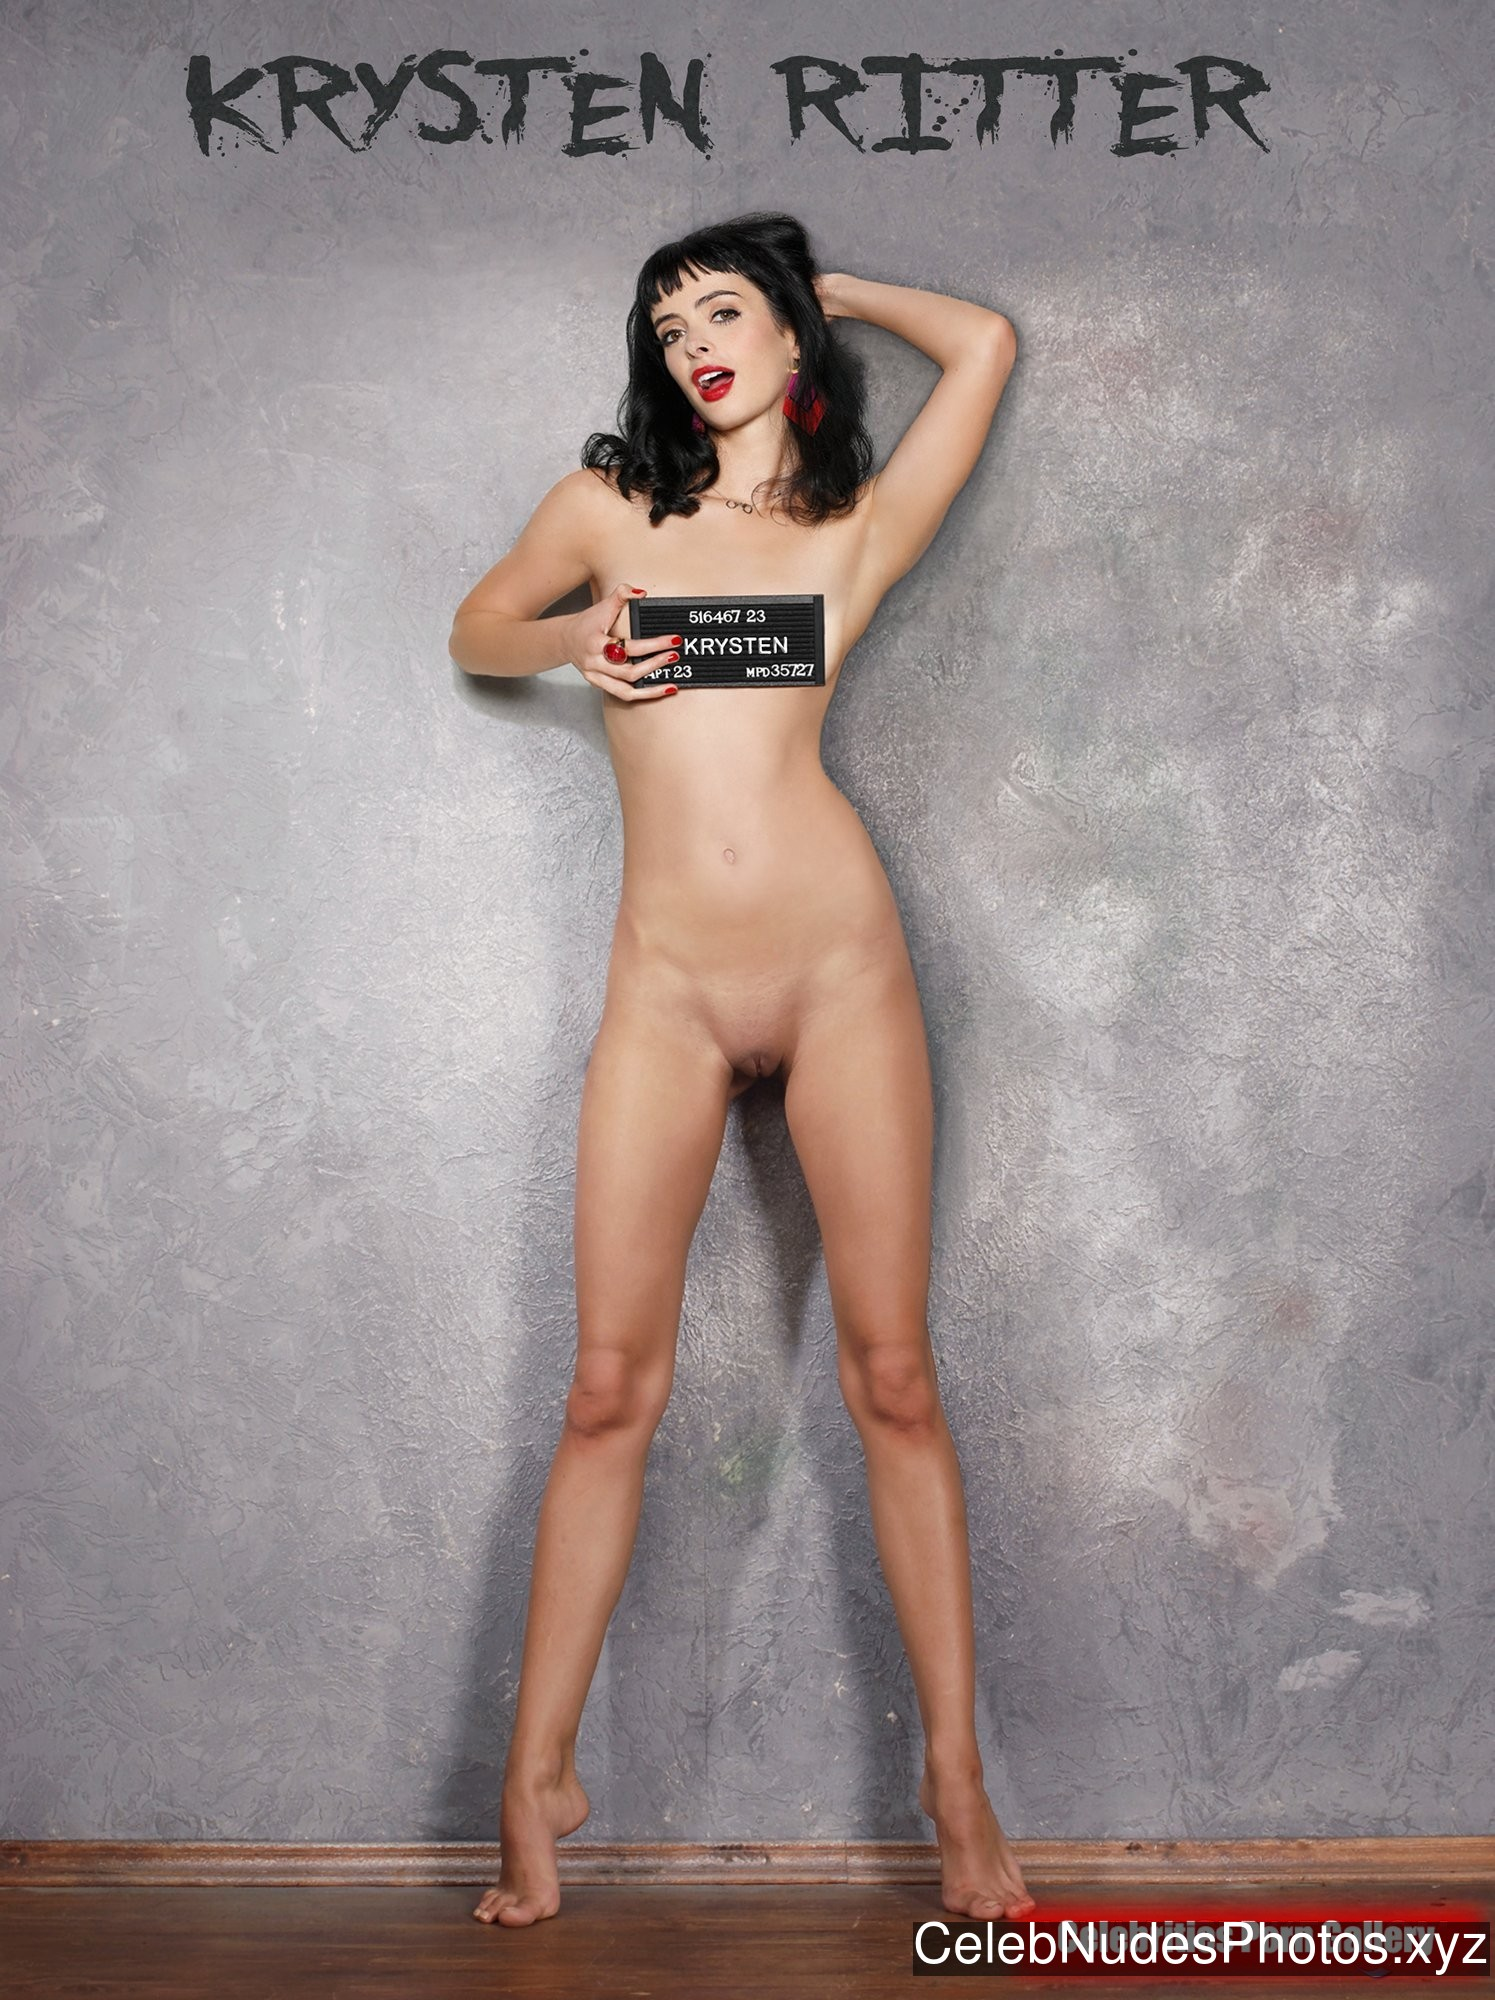 Krysten Ritter Famous Nude sexy 8